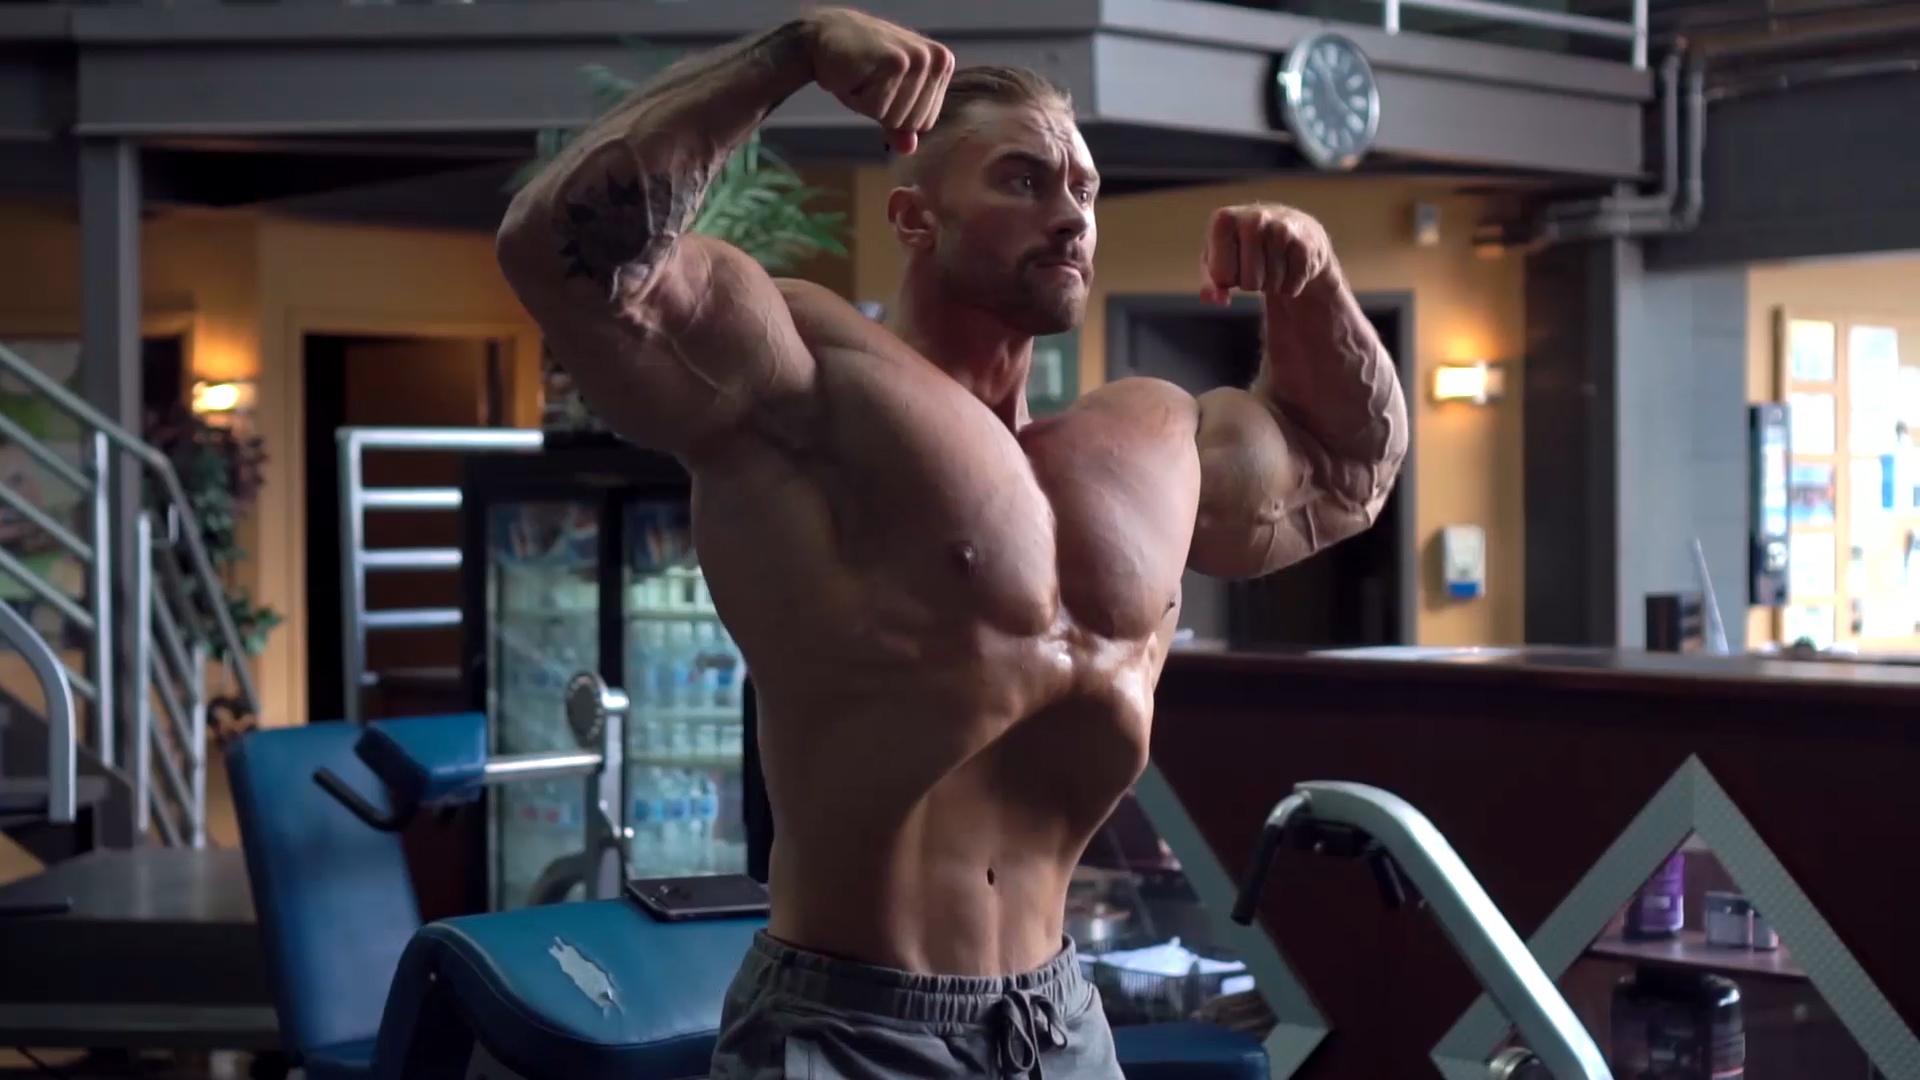 Chris Bumstead Bodybuilder